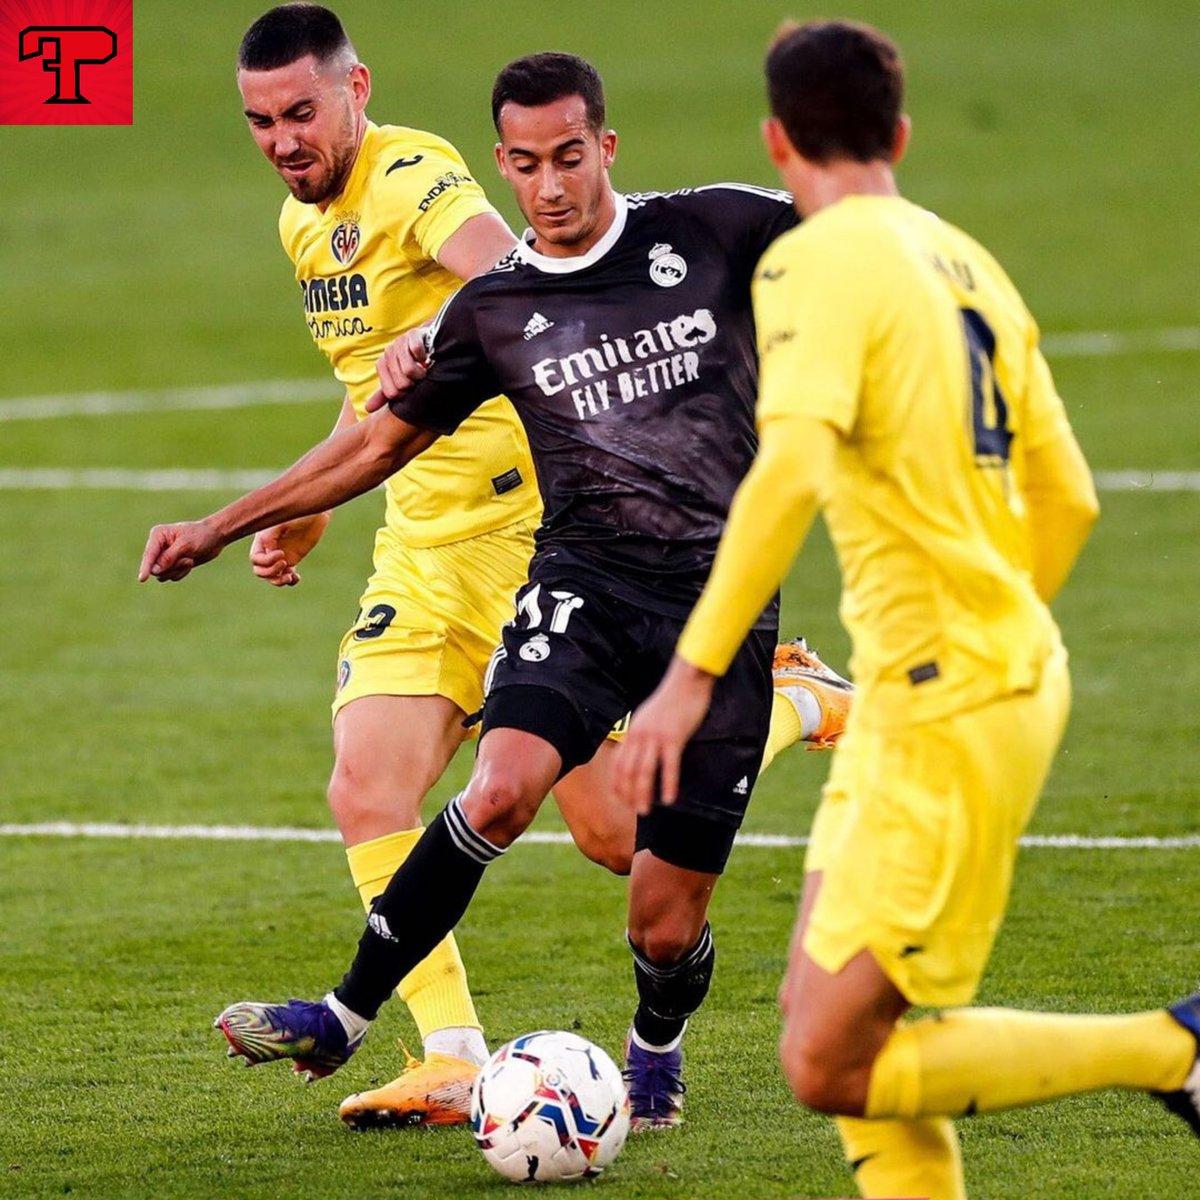 LOS MERENGUES NO PUDIERON   El Real Madrid sigue sin convencer y esta vez empató a uno contra el Villarreal. https://t.co/iTAUjiUr3S